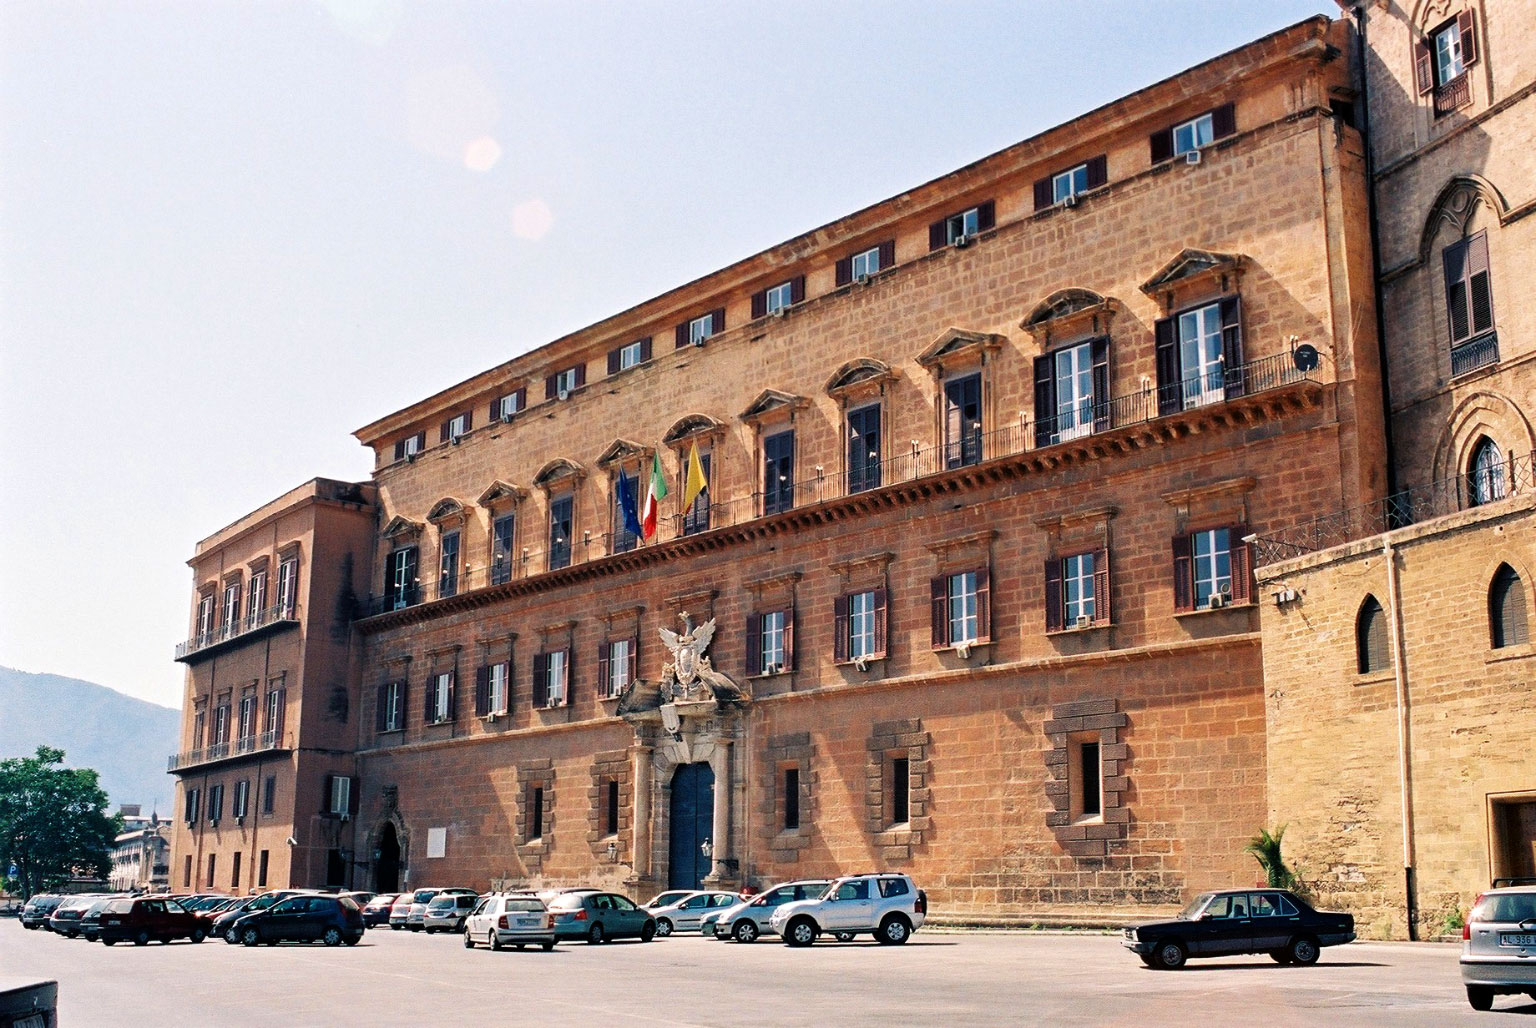 La legge 'intelligente' dell'Ars: ogni siciliano regala mille Euro allo Stato e ad altri soggetti